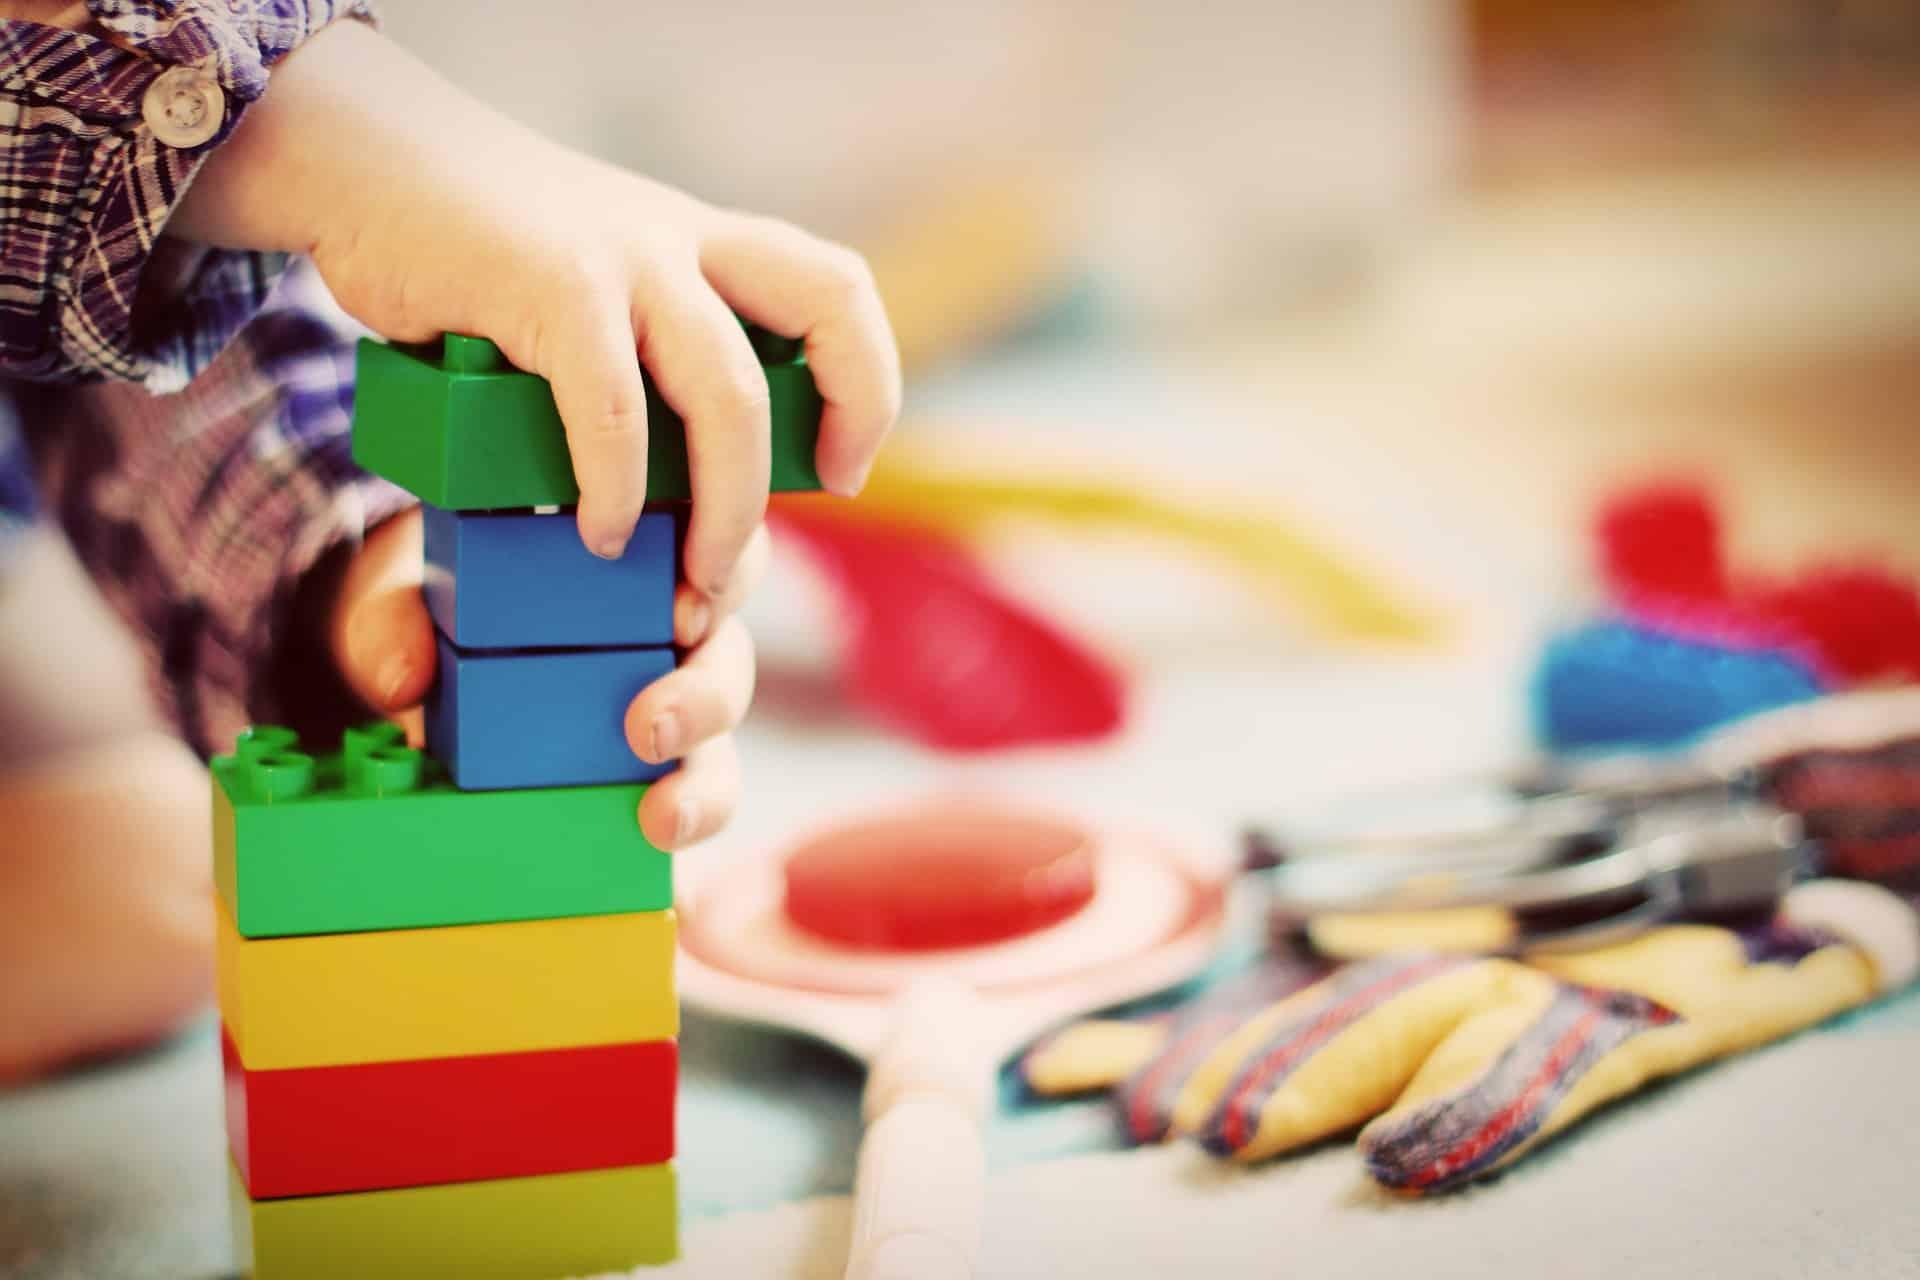 Les bienfaits de l'apprentissage pour les jeunes